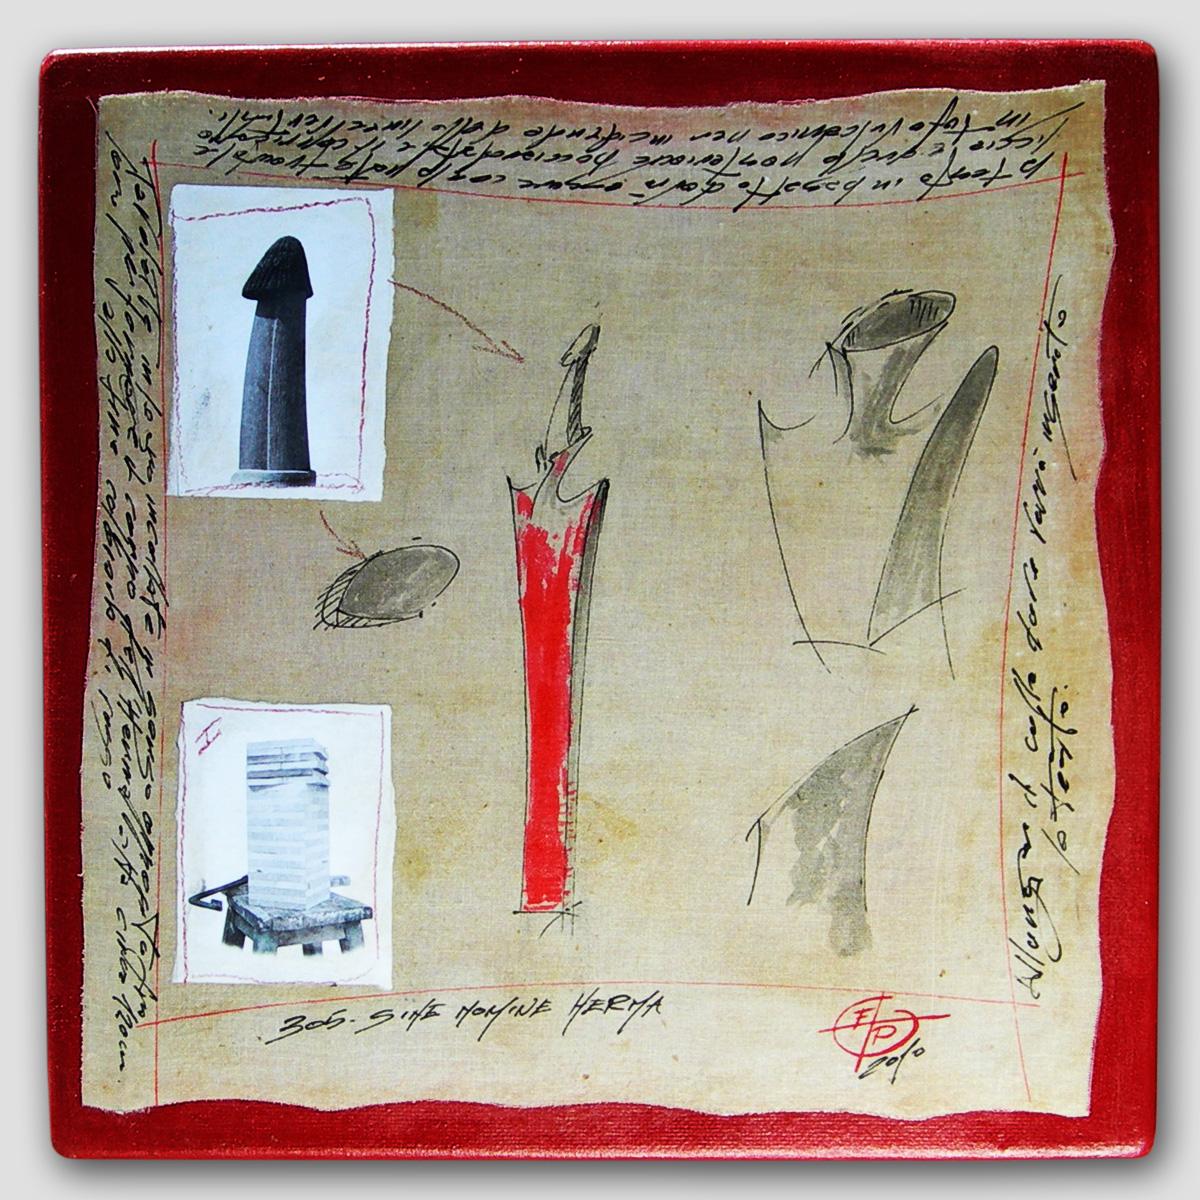 005-PRO-JECTUS (305-sine nomine herma) - 2010  40 x 40 cm mixed media on canvas panel